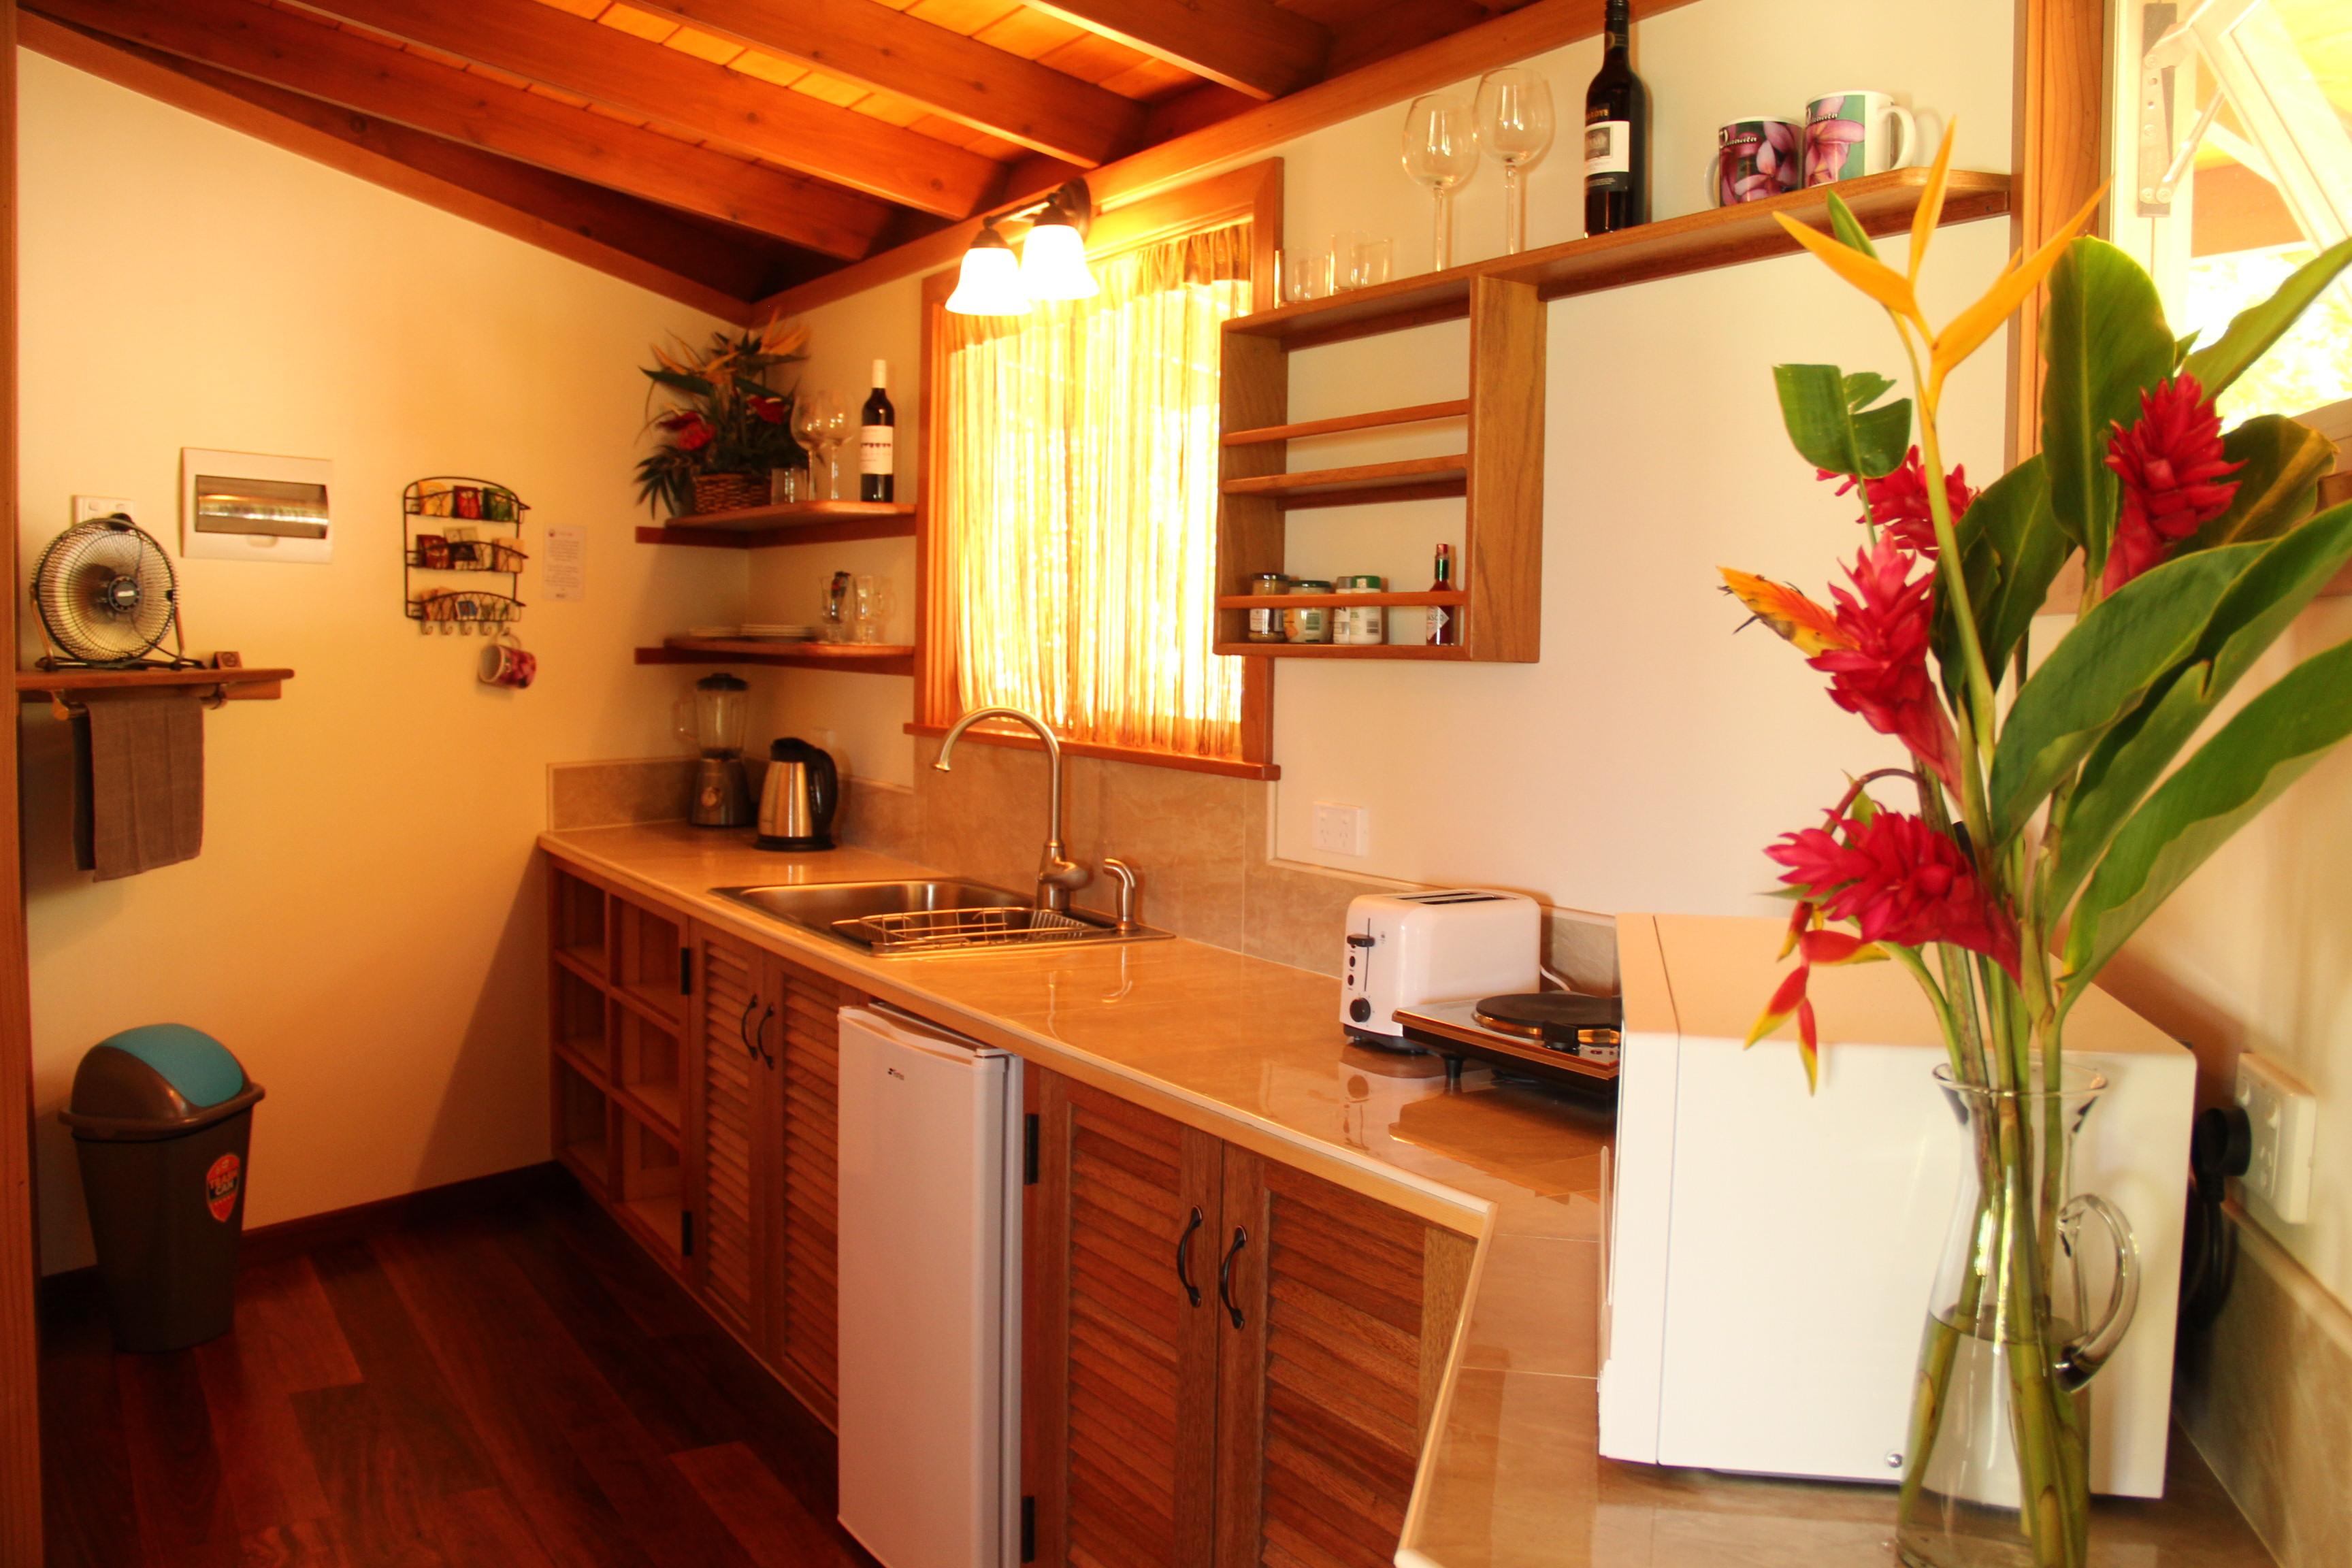 Frangipani kitchen